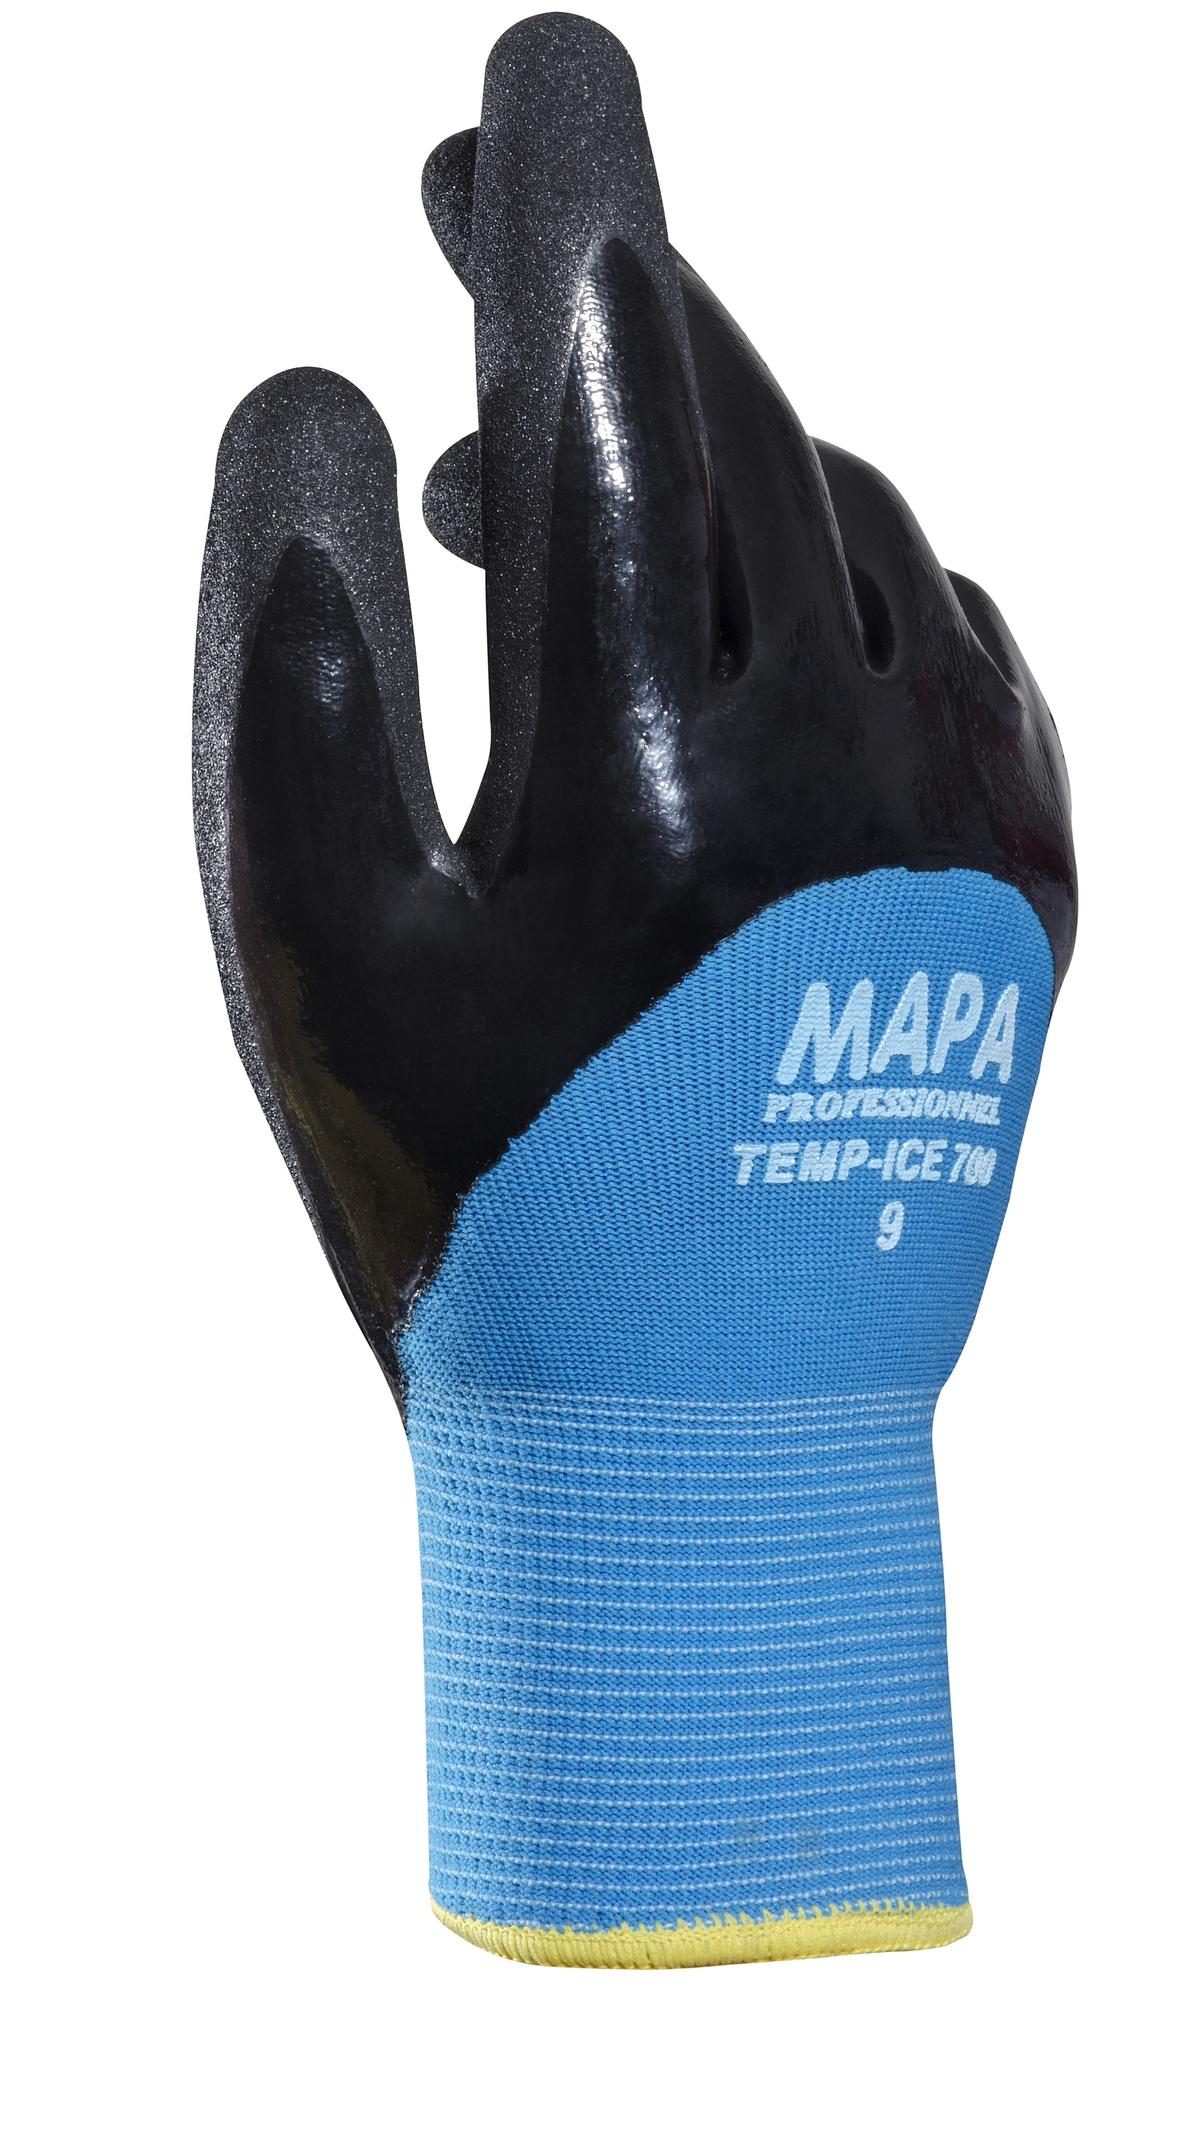 Gant anti-froid noir taille 9 Temp Ice Mapa